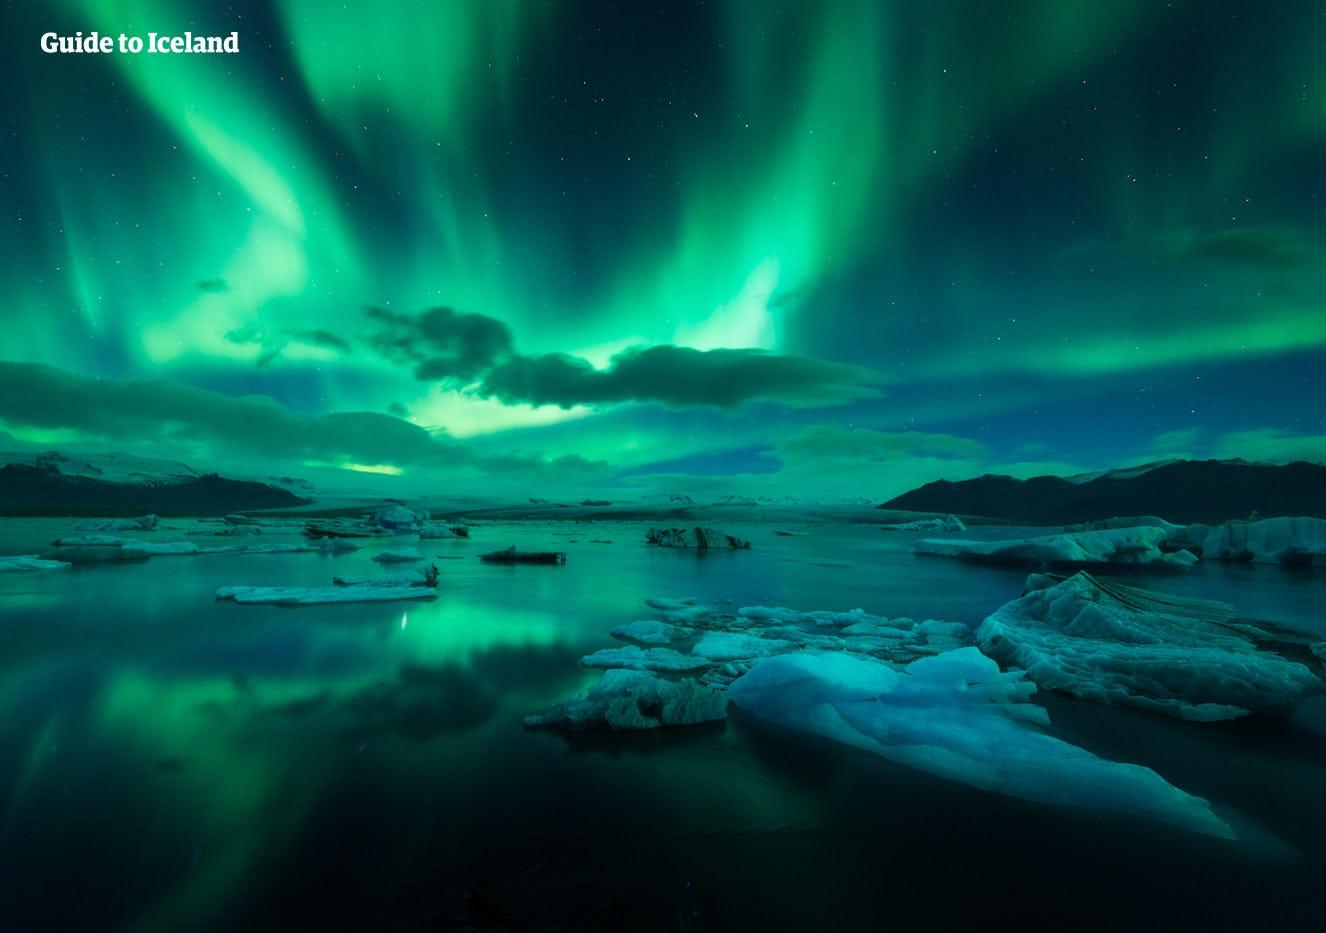 Les aurores boréales sur le lagon du glacier Jokusarlon.